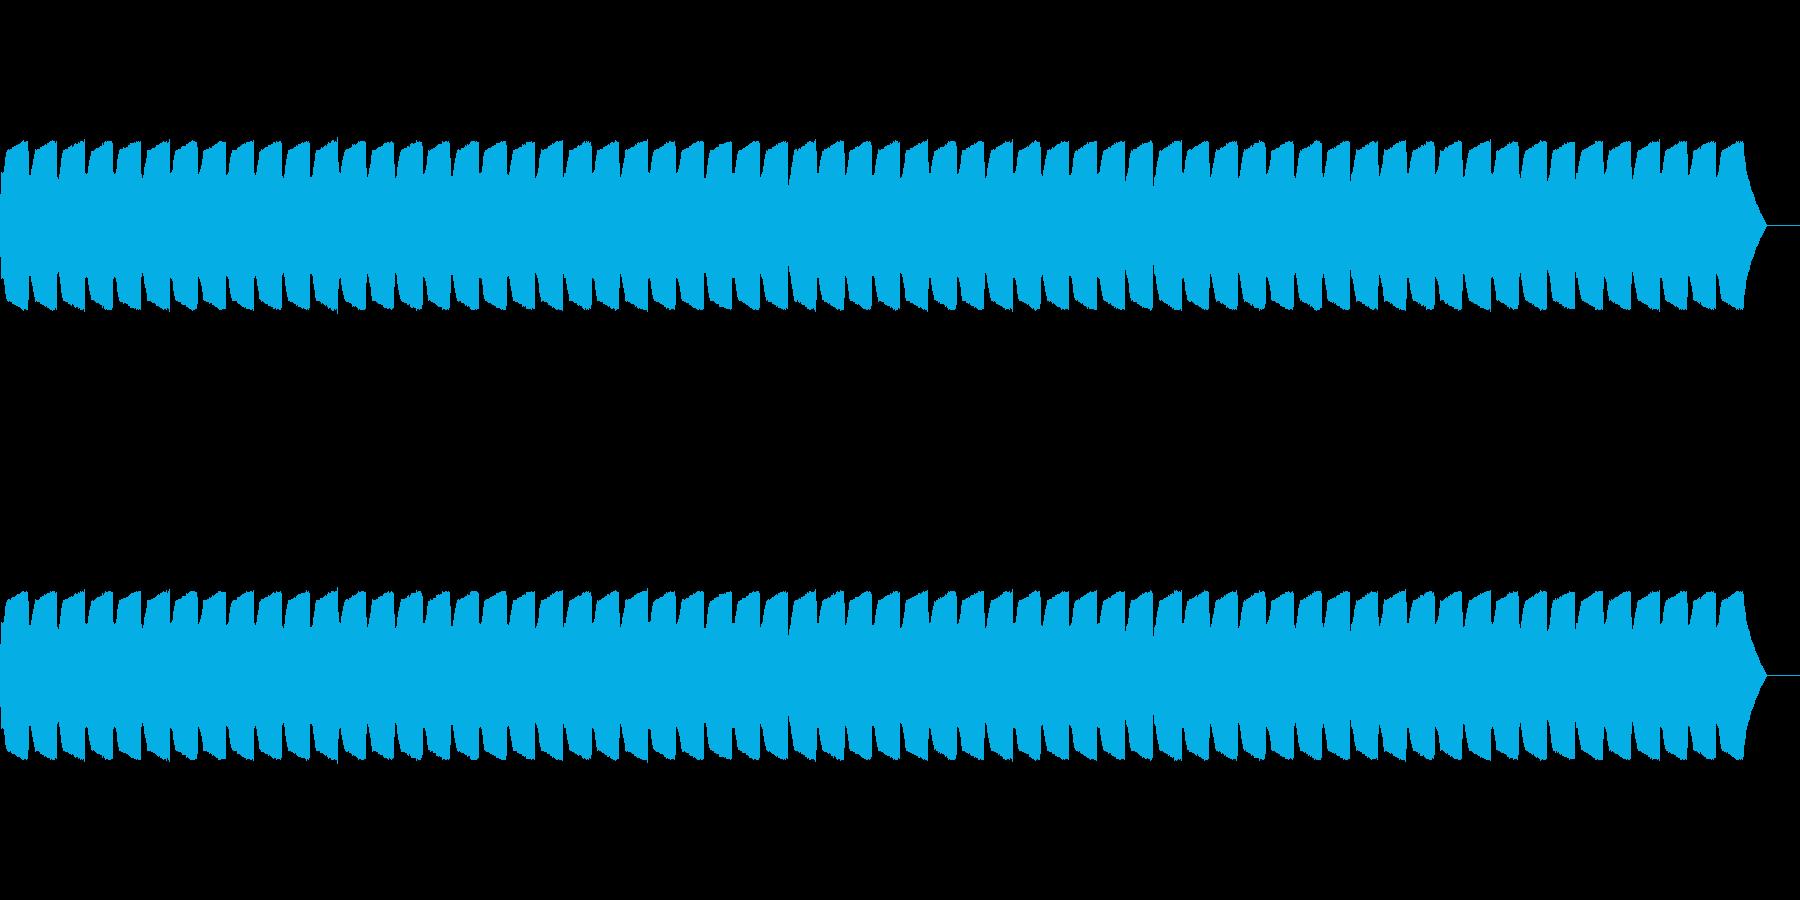 【サイレン01-1】の再生済みの波形